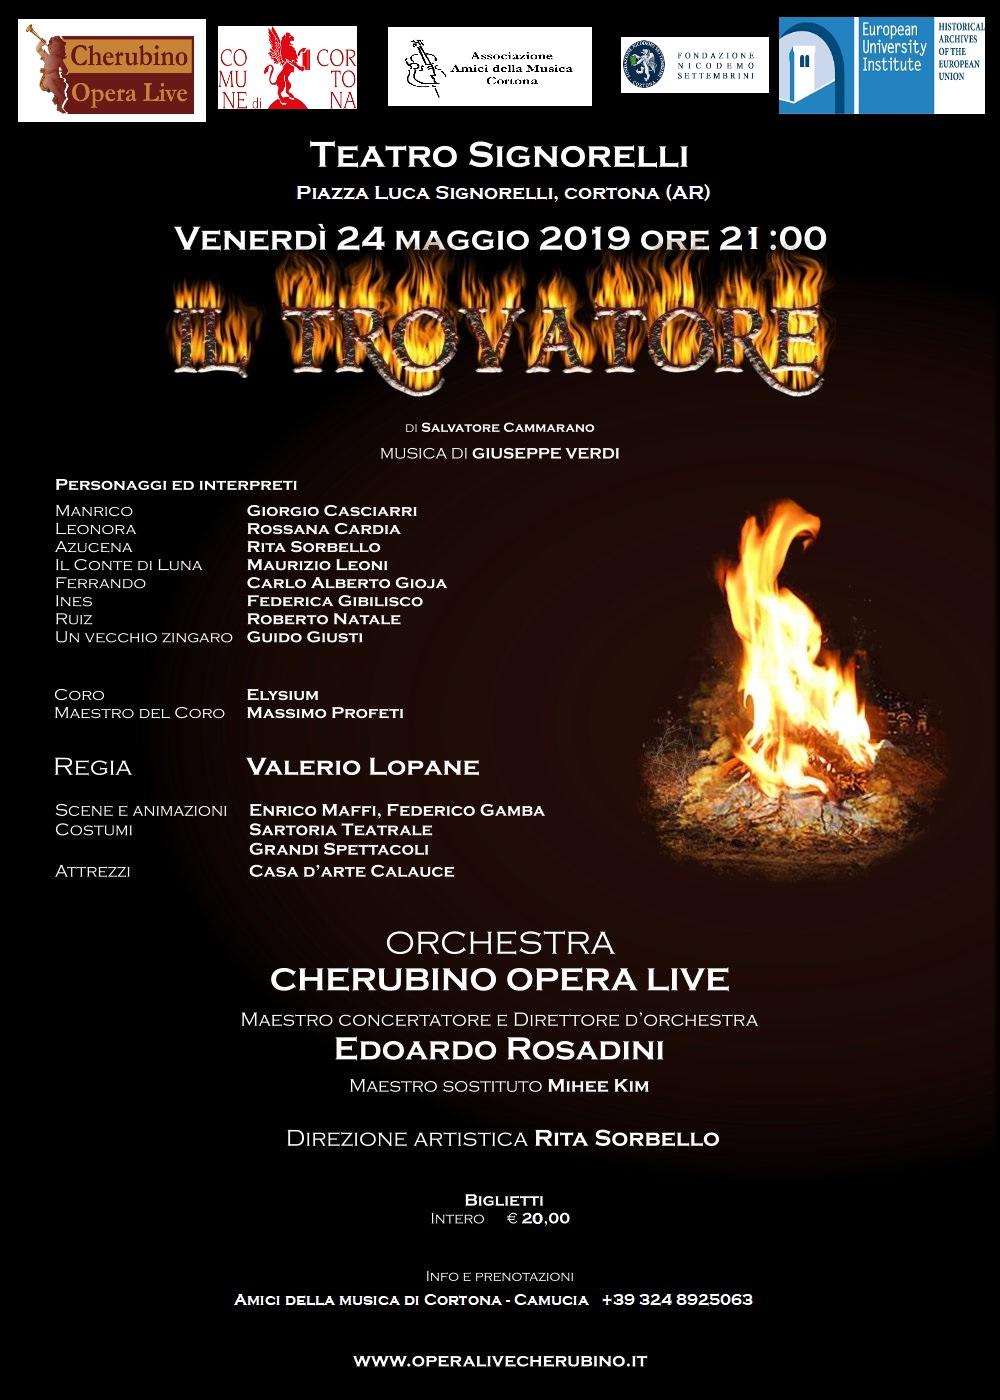 L'Opera torna al Teatro Signorelli con